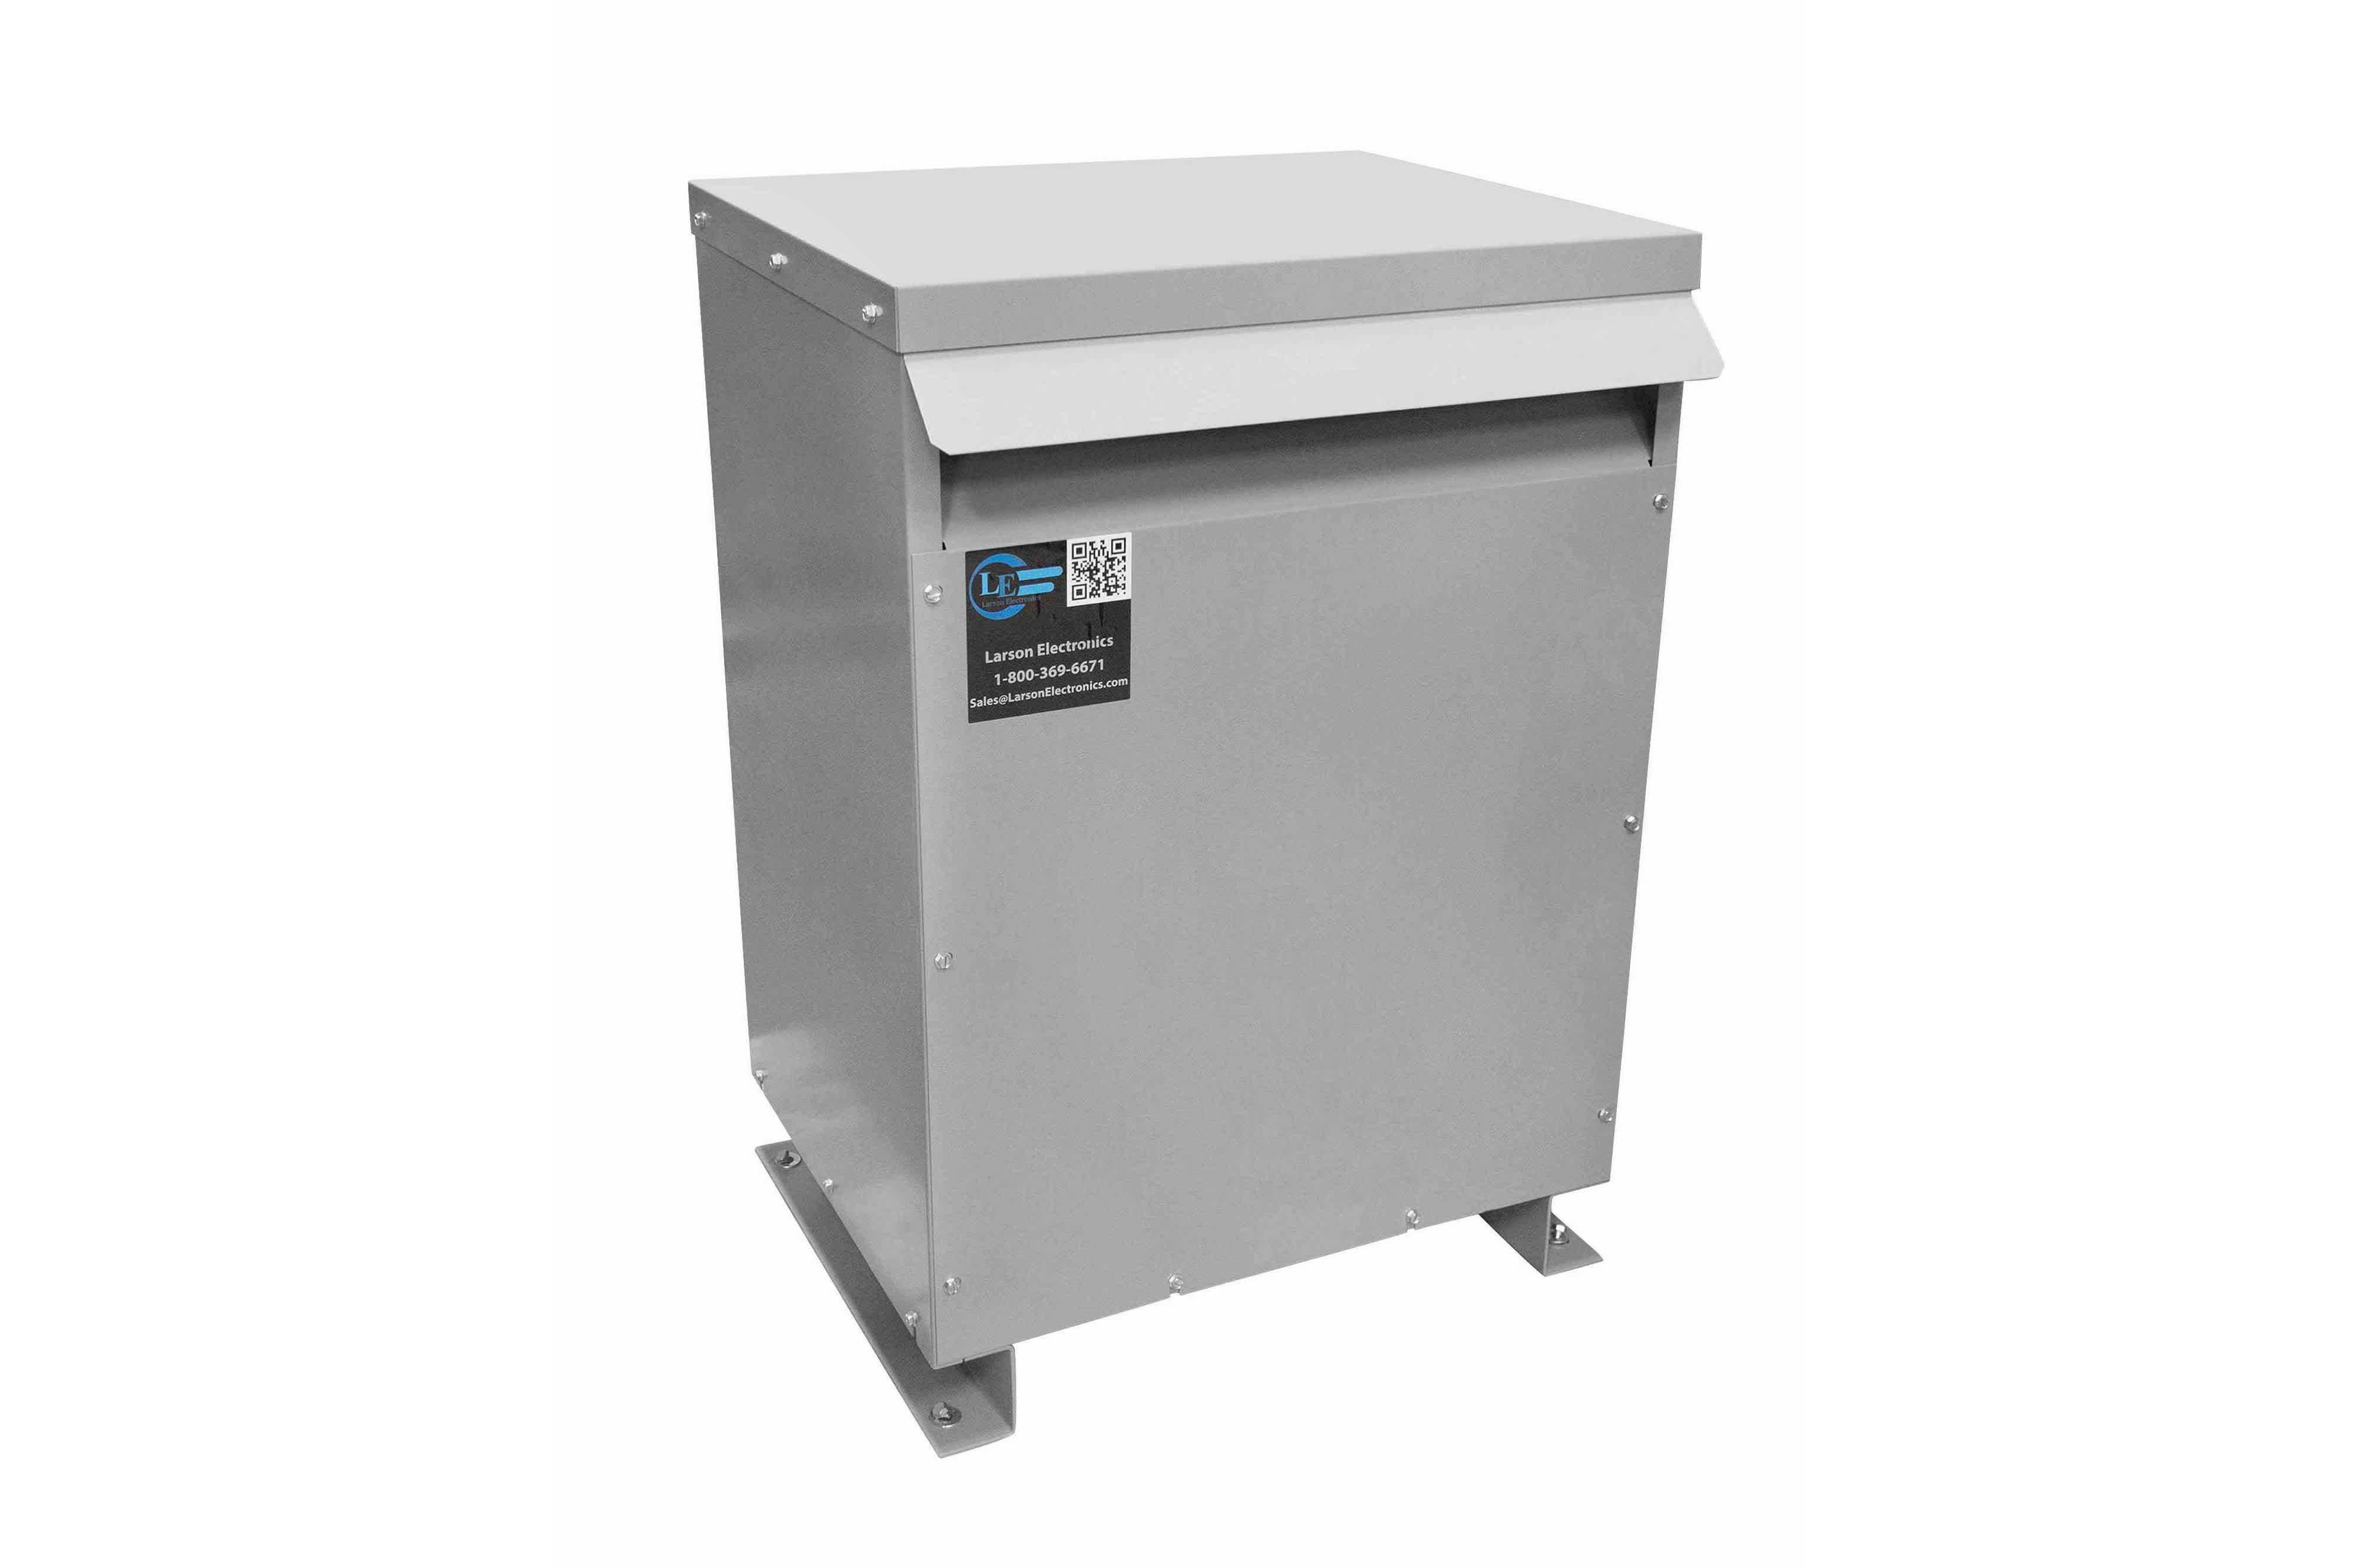 275 kVA 3PH Isolation Transformer, 230V Delta Primary, 208V Delta Secondary, N3R, Ventilated, 60 Hz